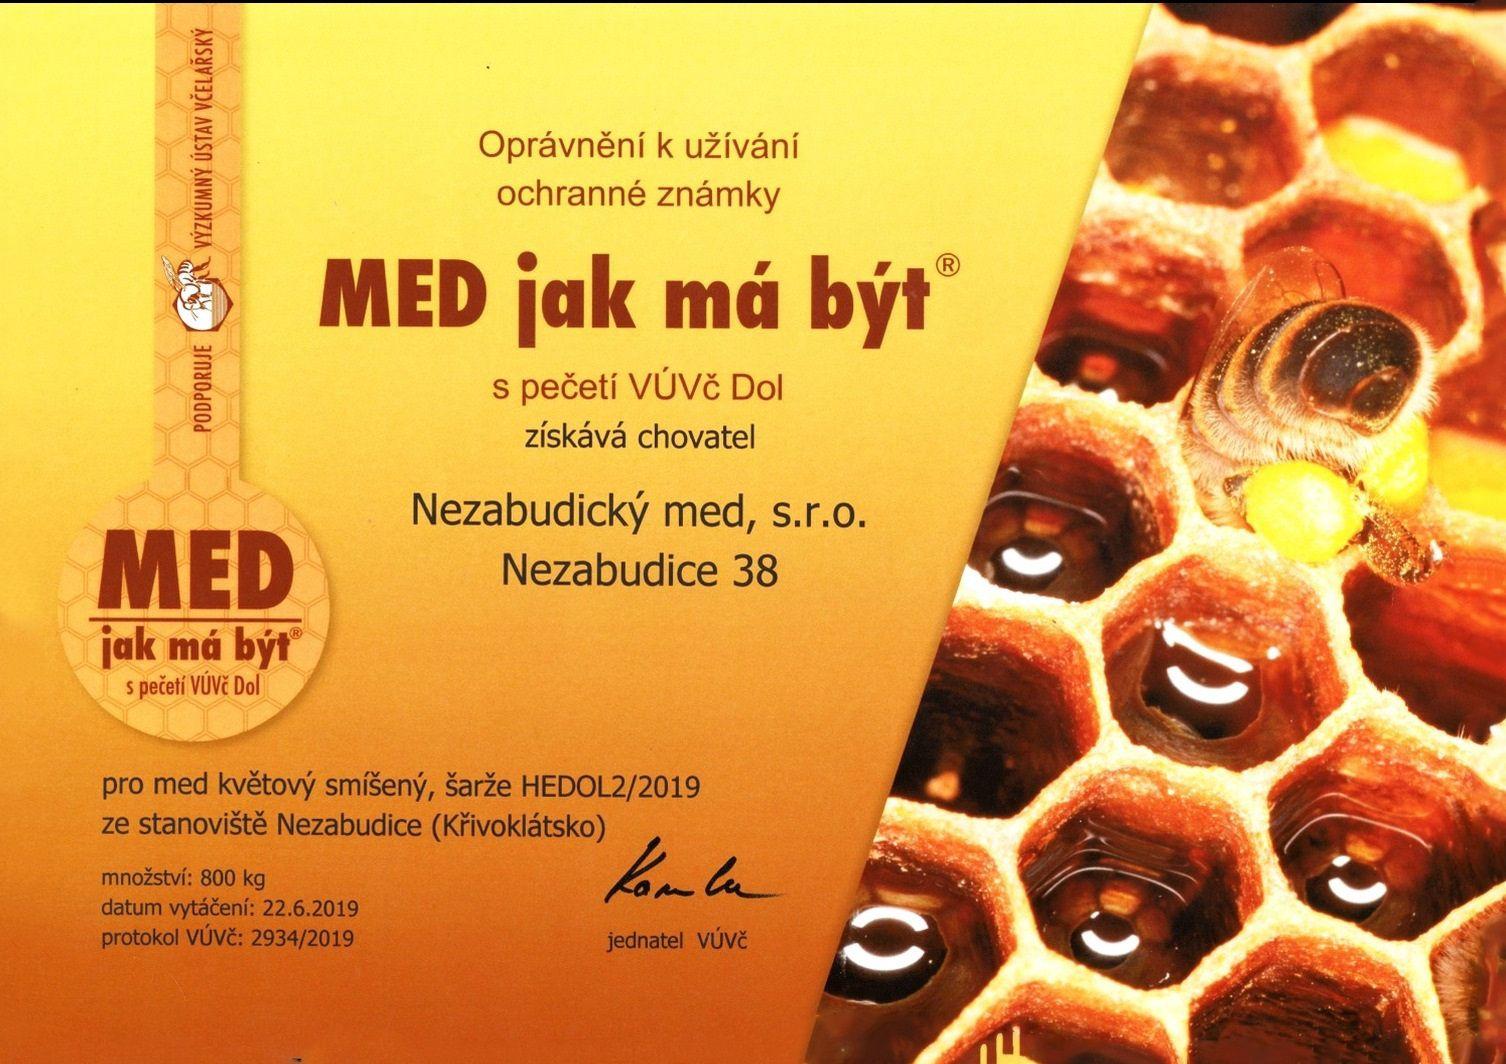 Med_jak_ma_byt_kvetovy_2019